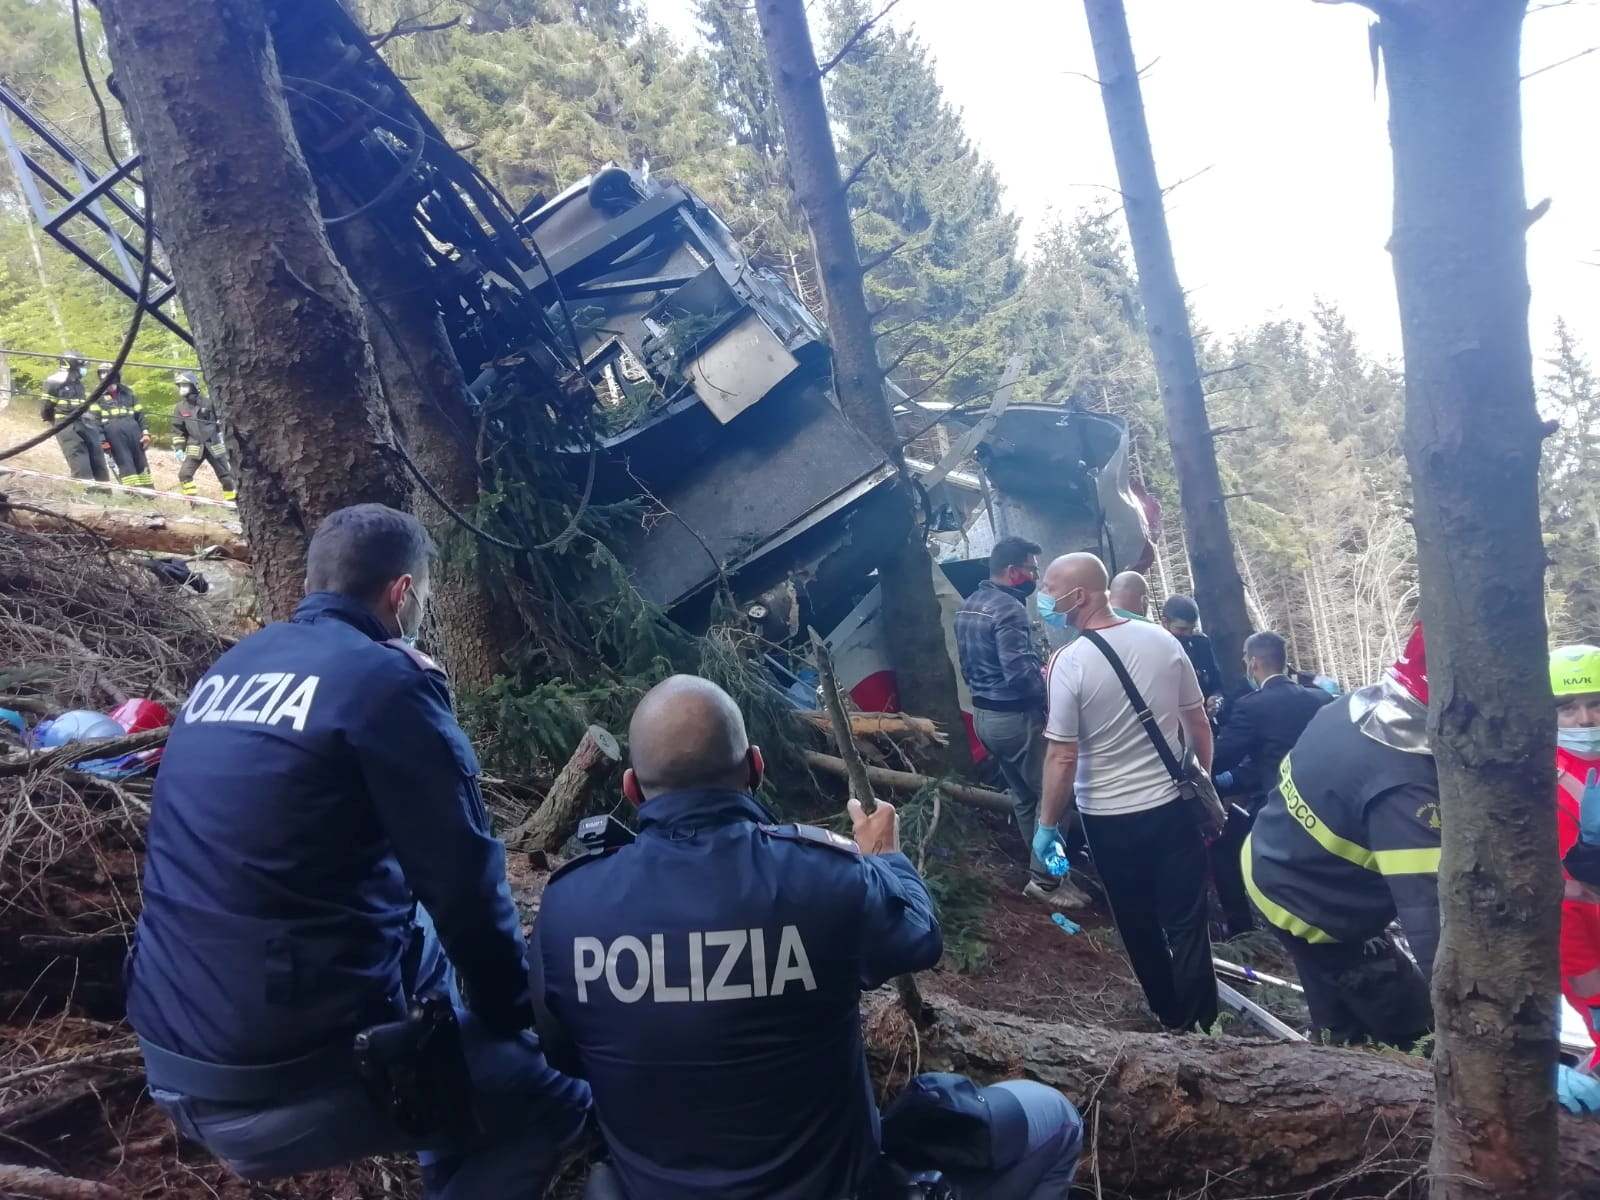 Πτώση καμπίνας τελεφερίκ στην Ιταλία: Αυτά είναι τα θύματα της τραγωδίας (pics, vid)